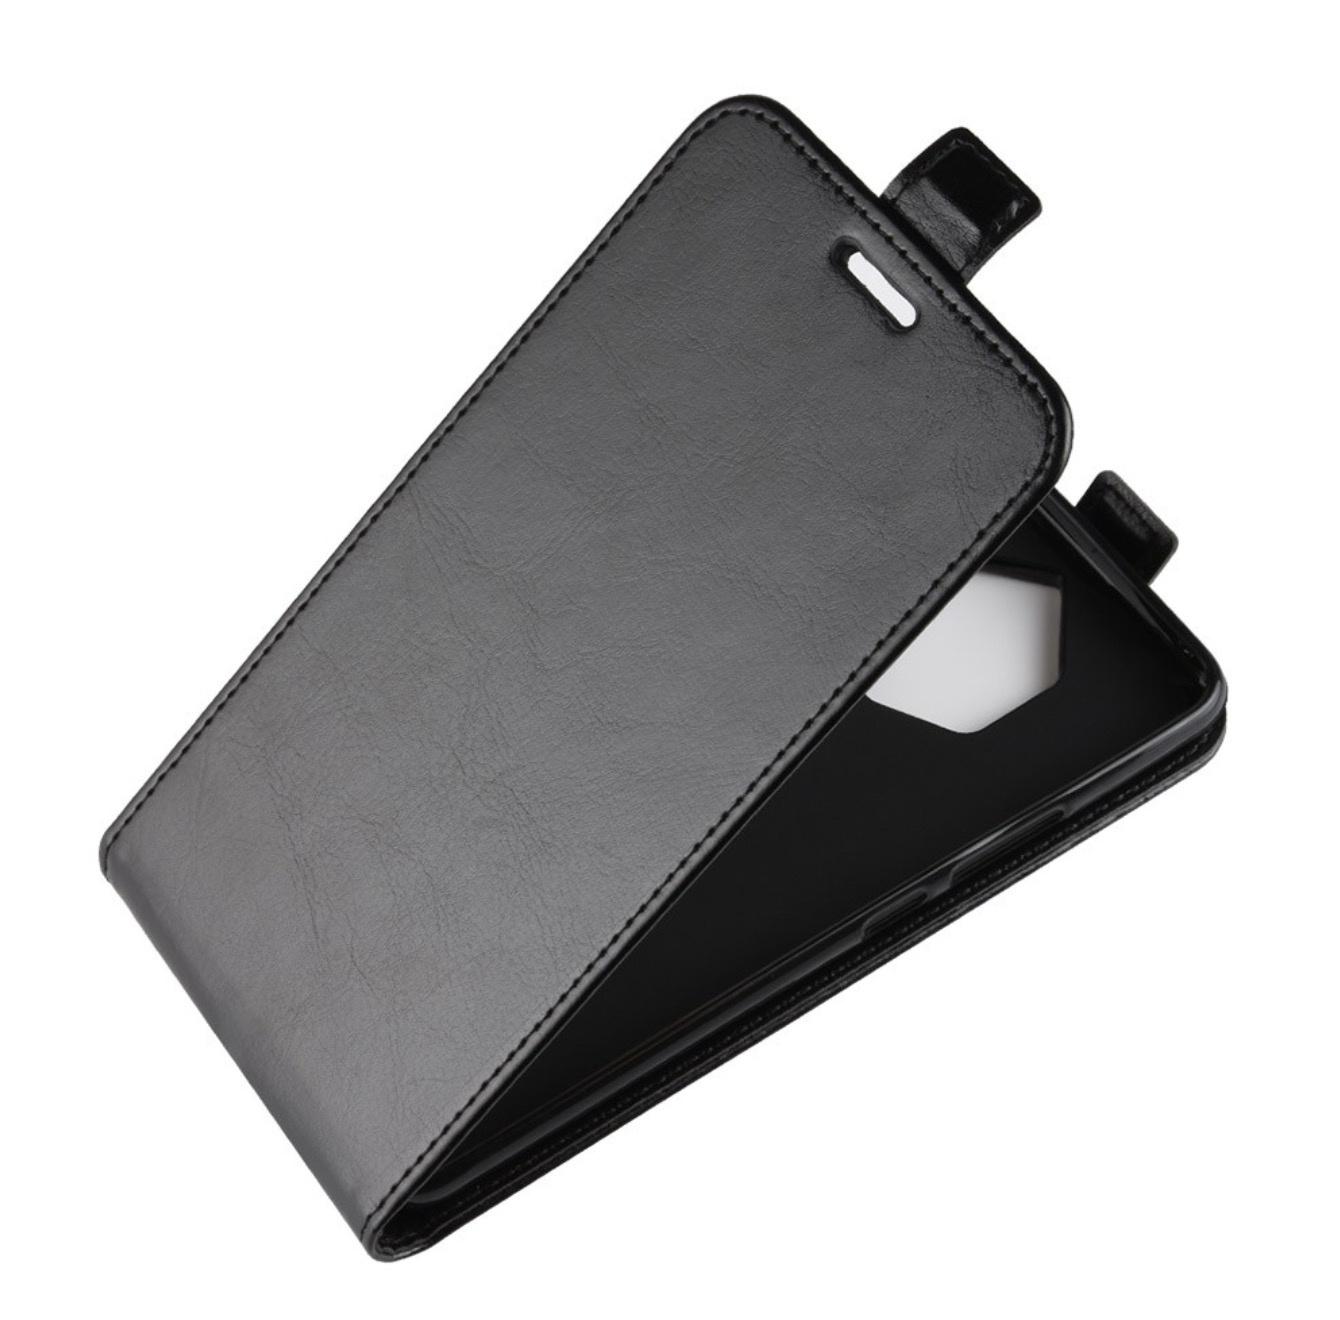 Чехол-флип MyPads для Philips Xenium W6500 вертикальный откидной черный